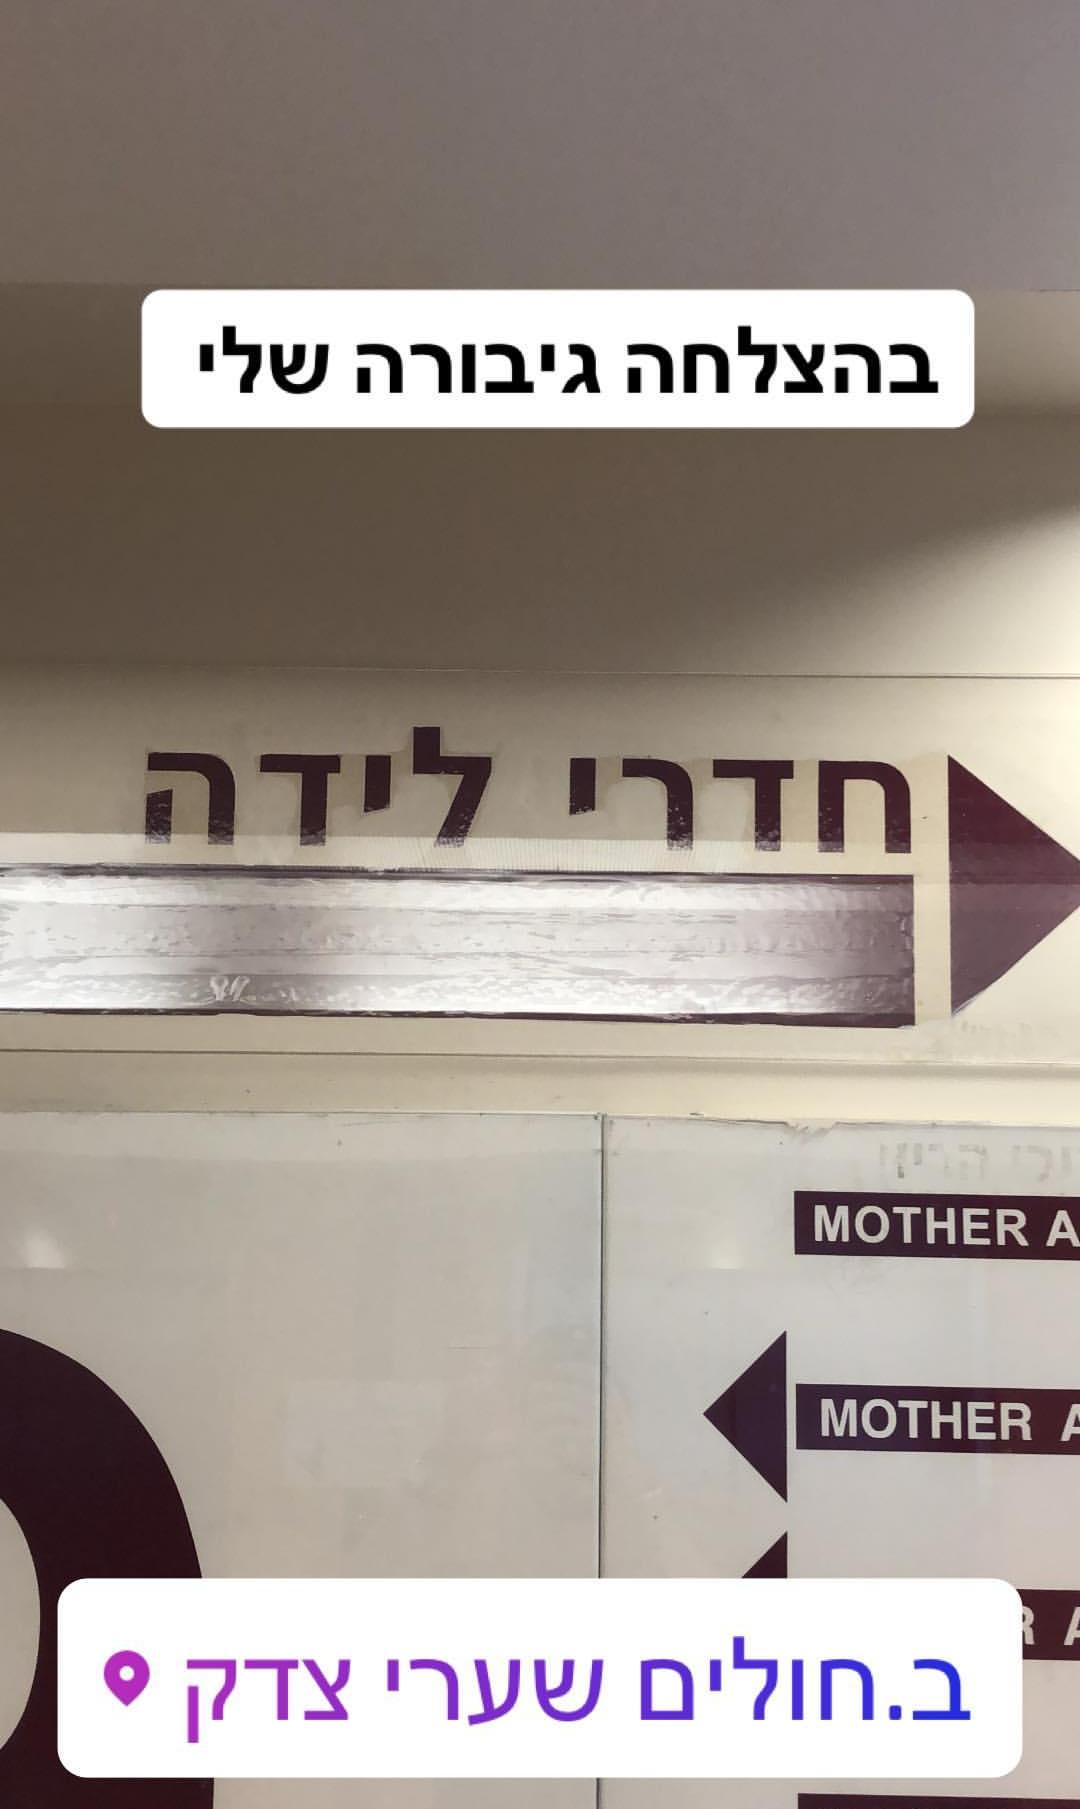 אופיר קריאף בשערי צדק לפני שאשתו ילדה תאומים (צילום: מתוך אינסטגרם)